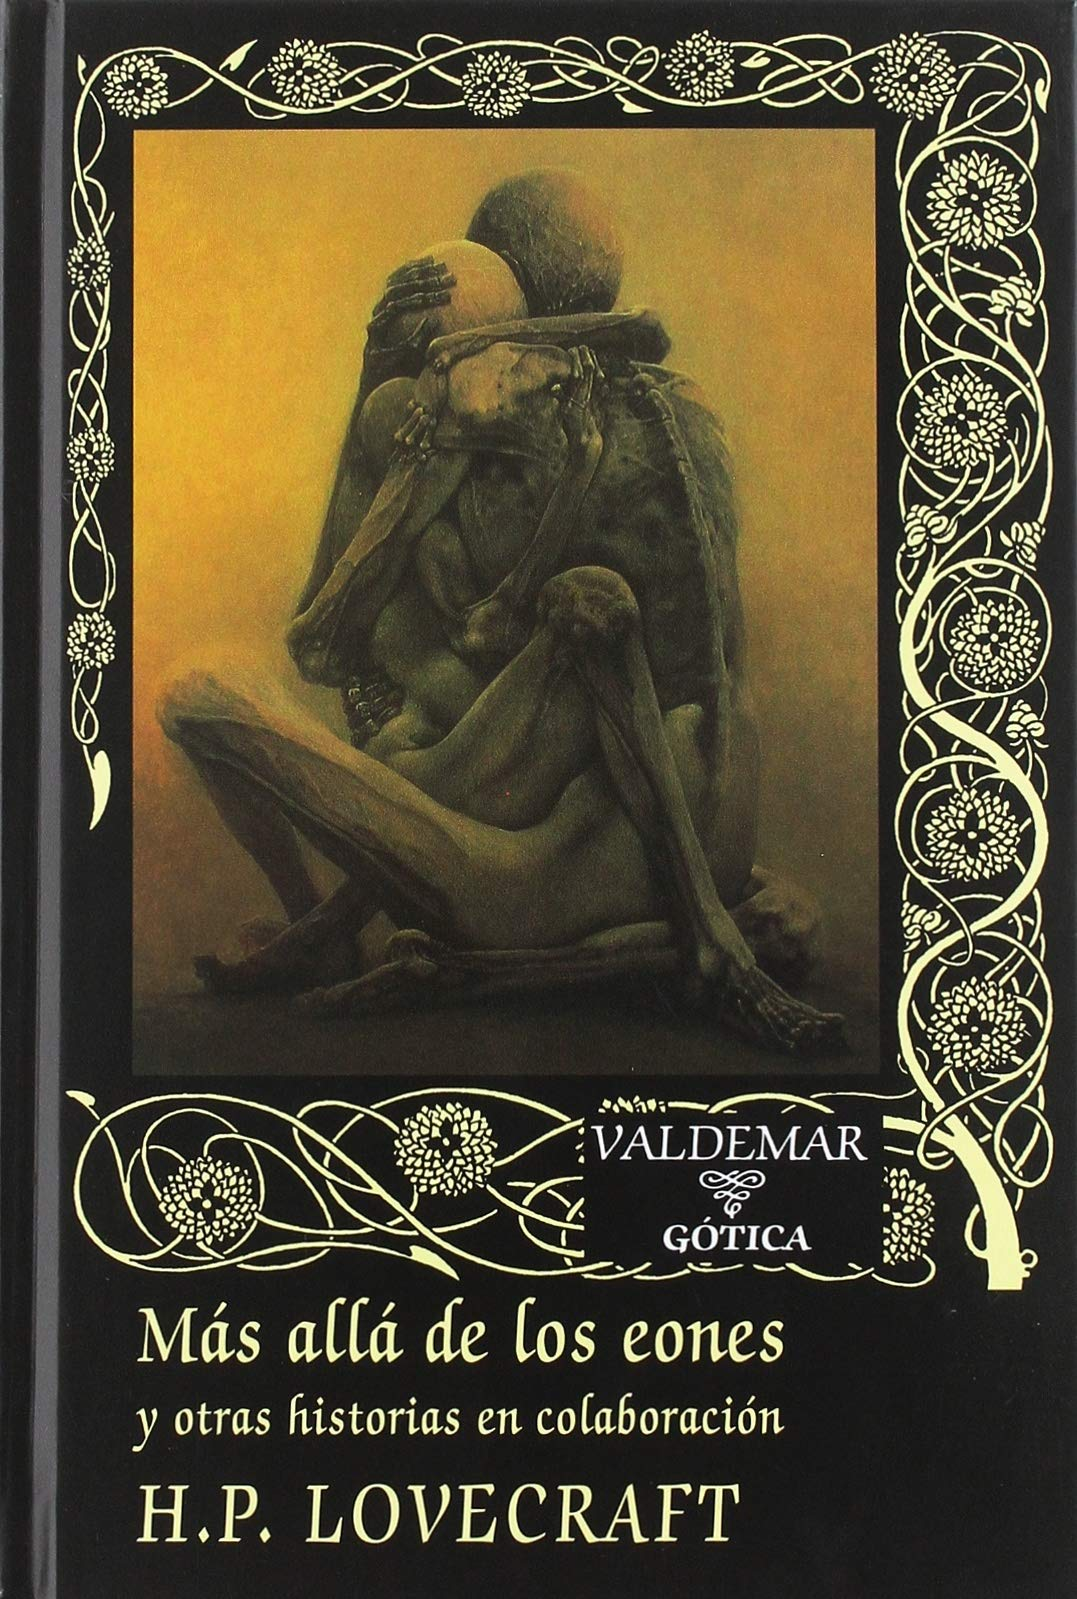 Más allá de los eones: y otras historias en colaboración: 91 Gótica: Amazon.es: Lovecraft, H. P., Nebreda Sainz-Pardo, José María, Nebreda Sainz-Pardo, José María: Libros